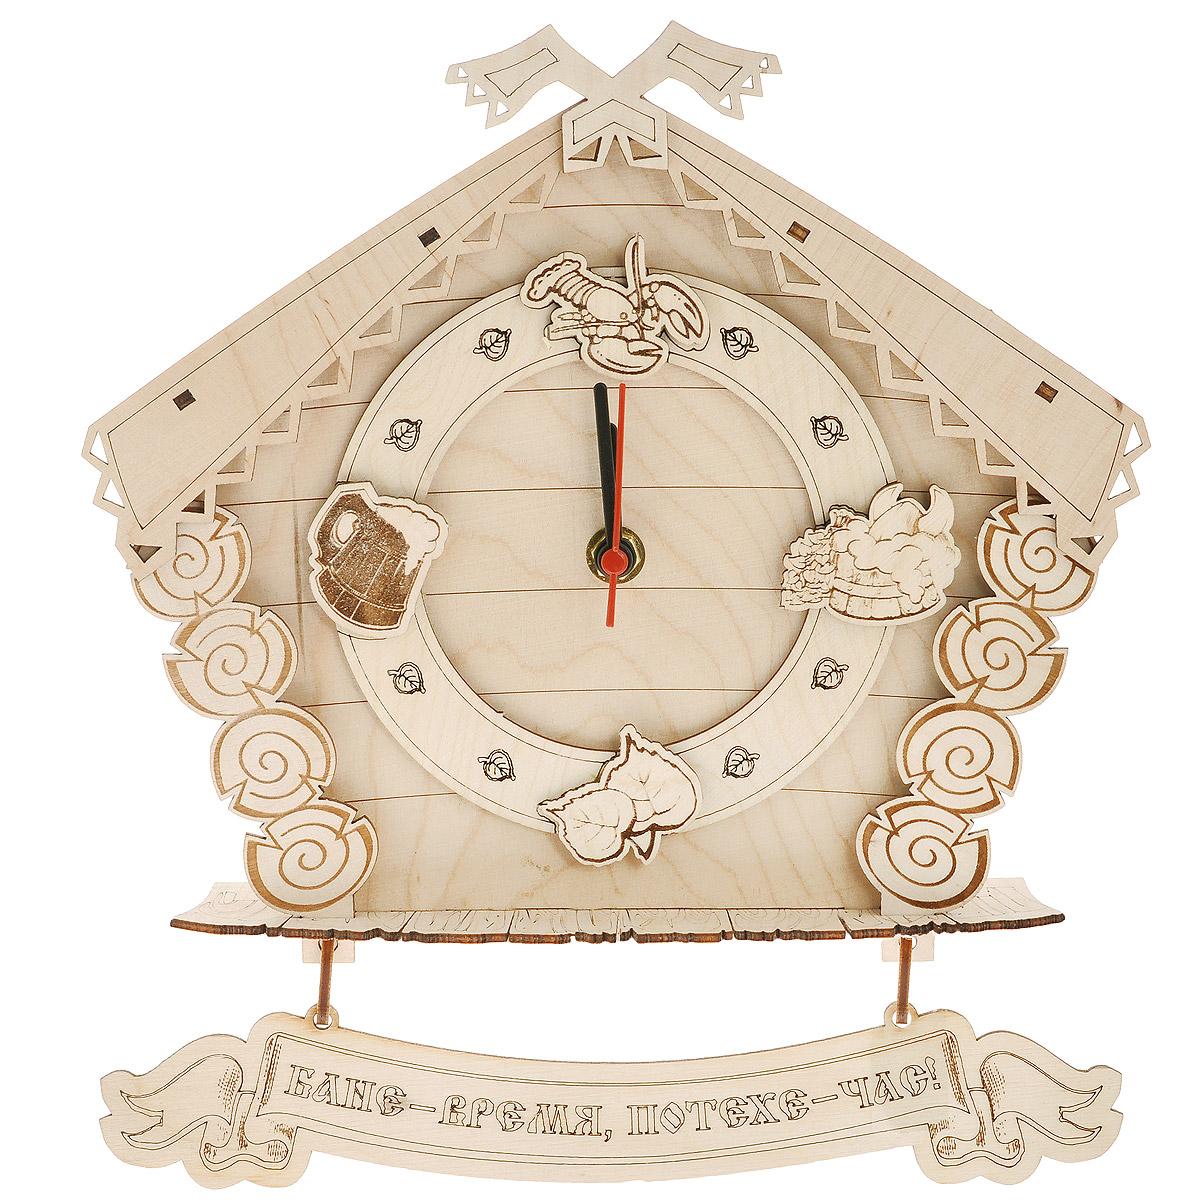 Часы настенные Доктор баня Домик для бани и сауны904727Настенные часы Доктор баня, выполненные из дерева в виде домика, своим дизайном подчеркнут оригинальность интерьера вашей бани или сауны. Циферблат оформлен деревянными фигурками рака, пивной кружки, листьев и ушата с веником. Часы имеют три стрелки - часовую, минутную и секундную. К основанию часов крепится табличка с надписью: Бане - время, потехе - час!  Такие часы послужат отличным подарком для ценителя стильных и оригинальных вещей. Характеристики: Материал: дерево (береза), пластик. Размер корпуса часов (Ш х Д х В): 25 см х 6 см х 22 см. Диаметр циферблата: 13,5 см. Размер таблички: 24,5 см х 4,5 см. Рекомендуется докупить батарейку типа АА мощностью 1,5V (в комплект не входит).